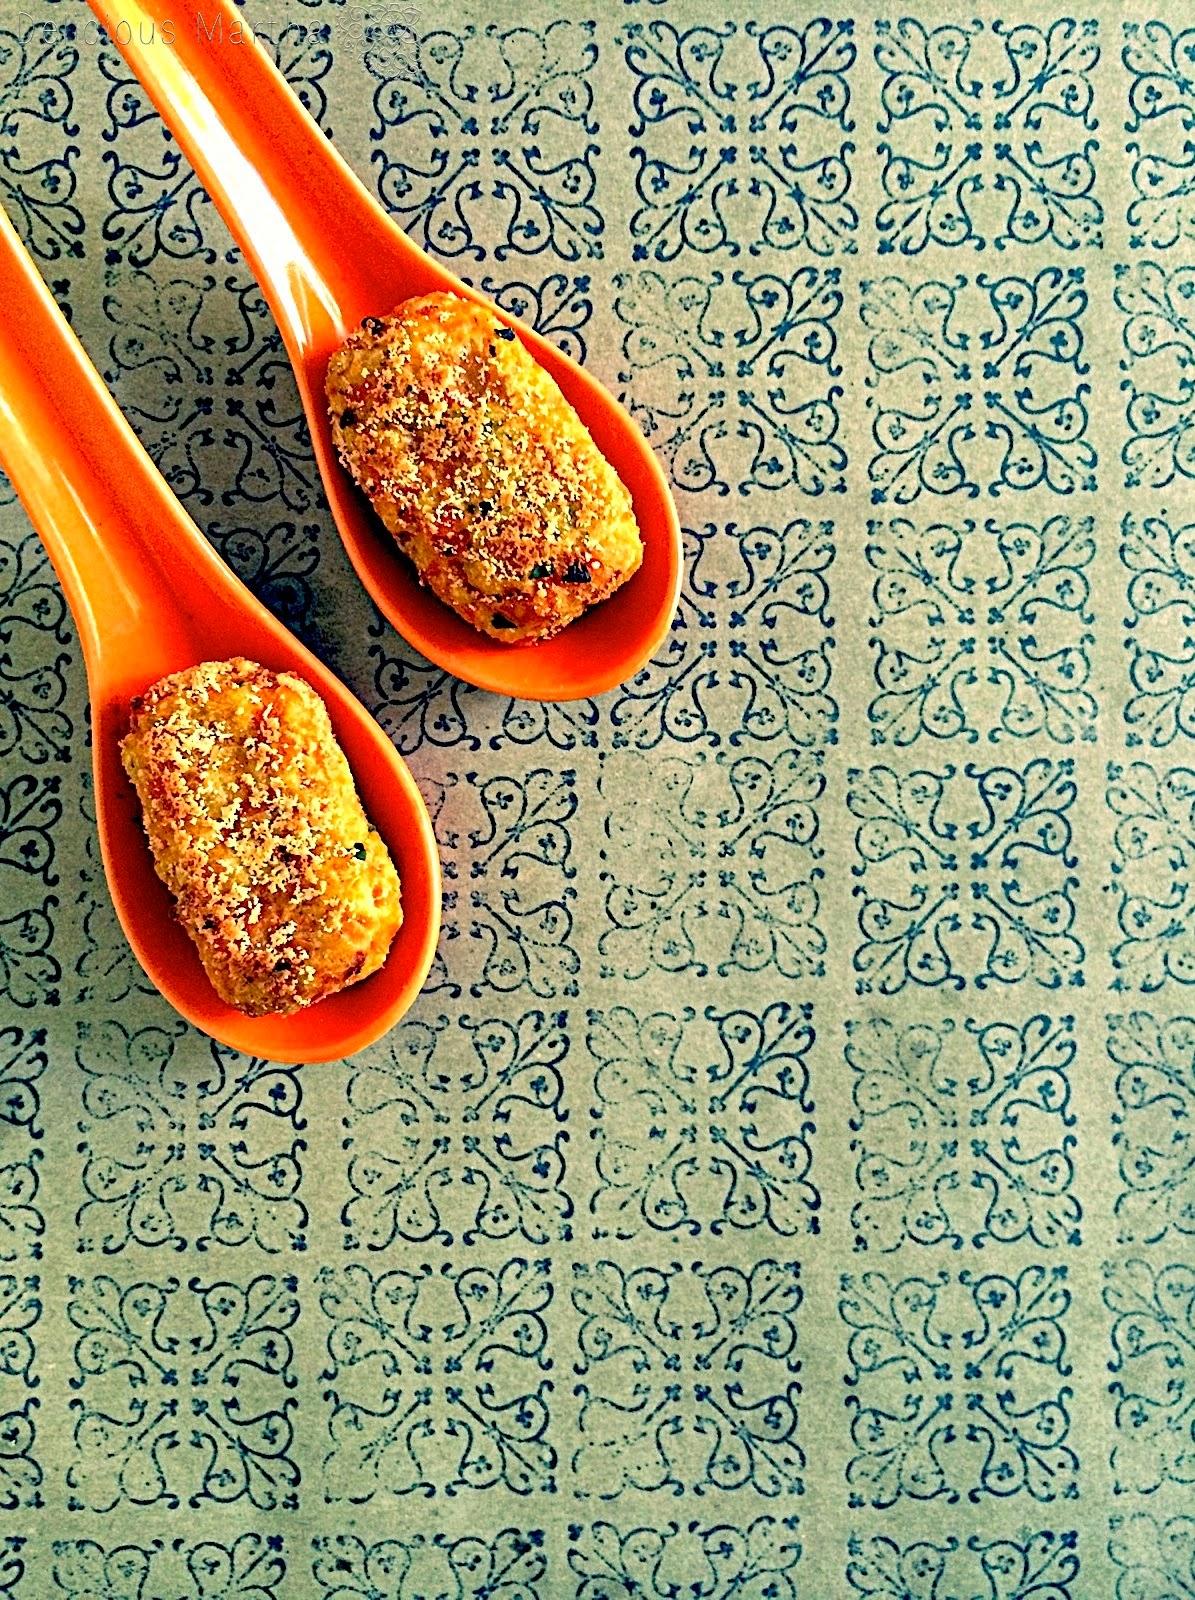 Carrot croquettes (bocados de zanahoria)